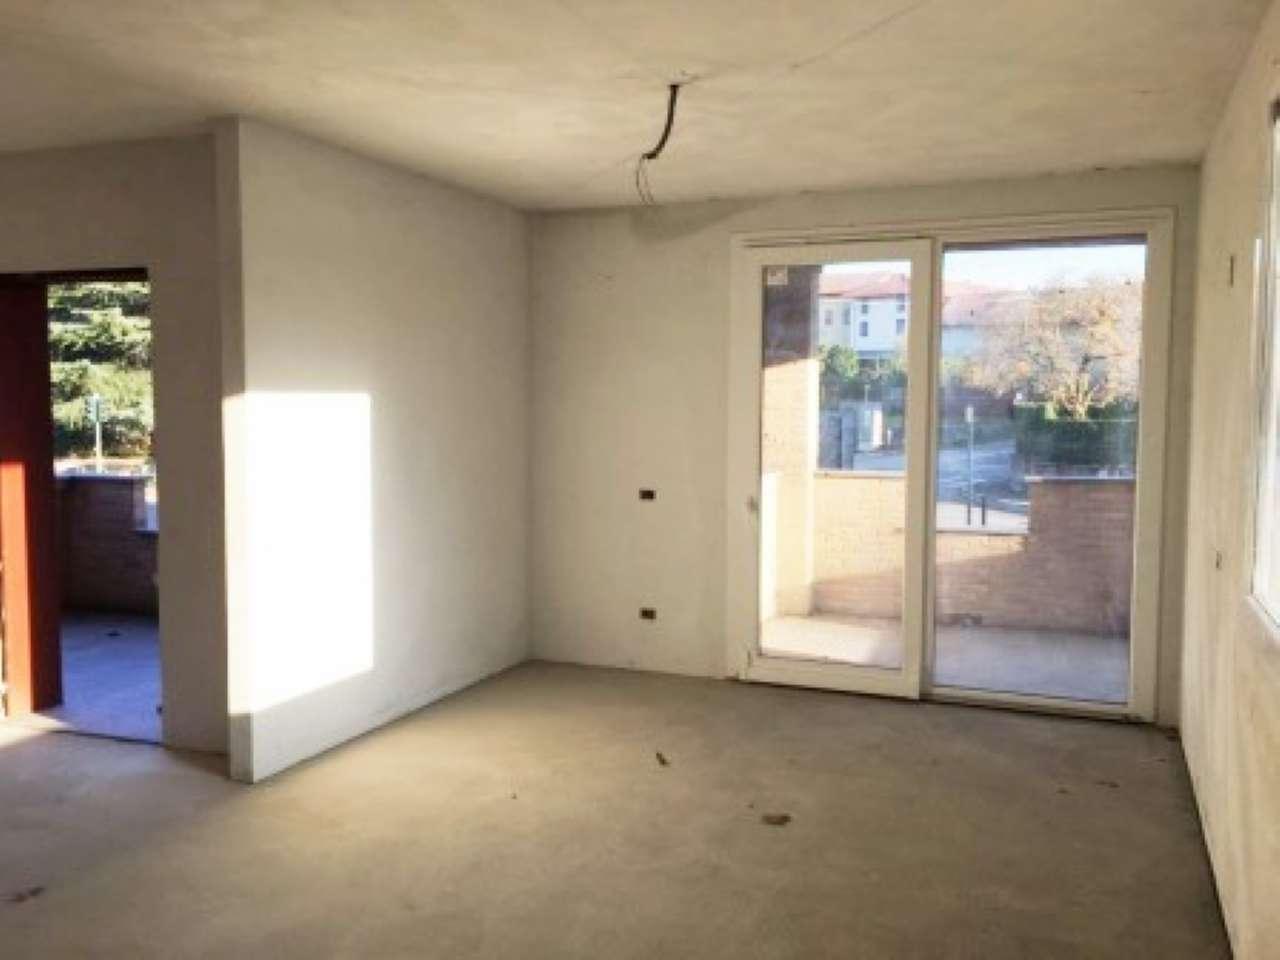 Appartamento in vendita a Mozzate, 3 locali, prezzo € 215.000 | CambioCasa.it